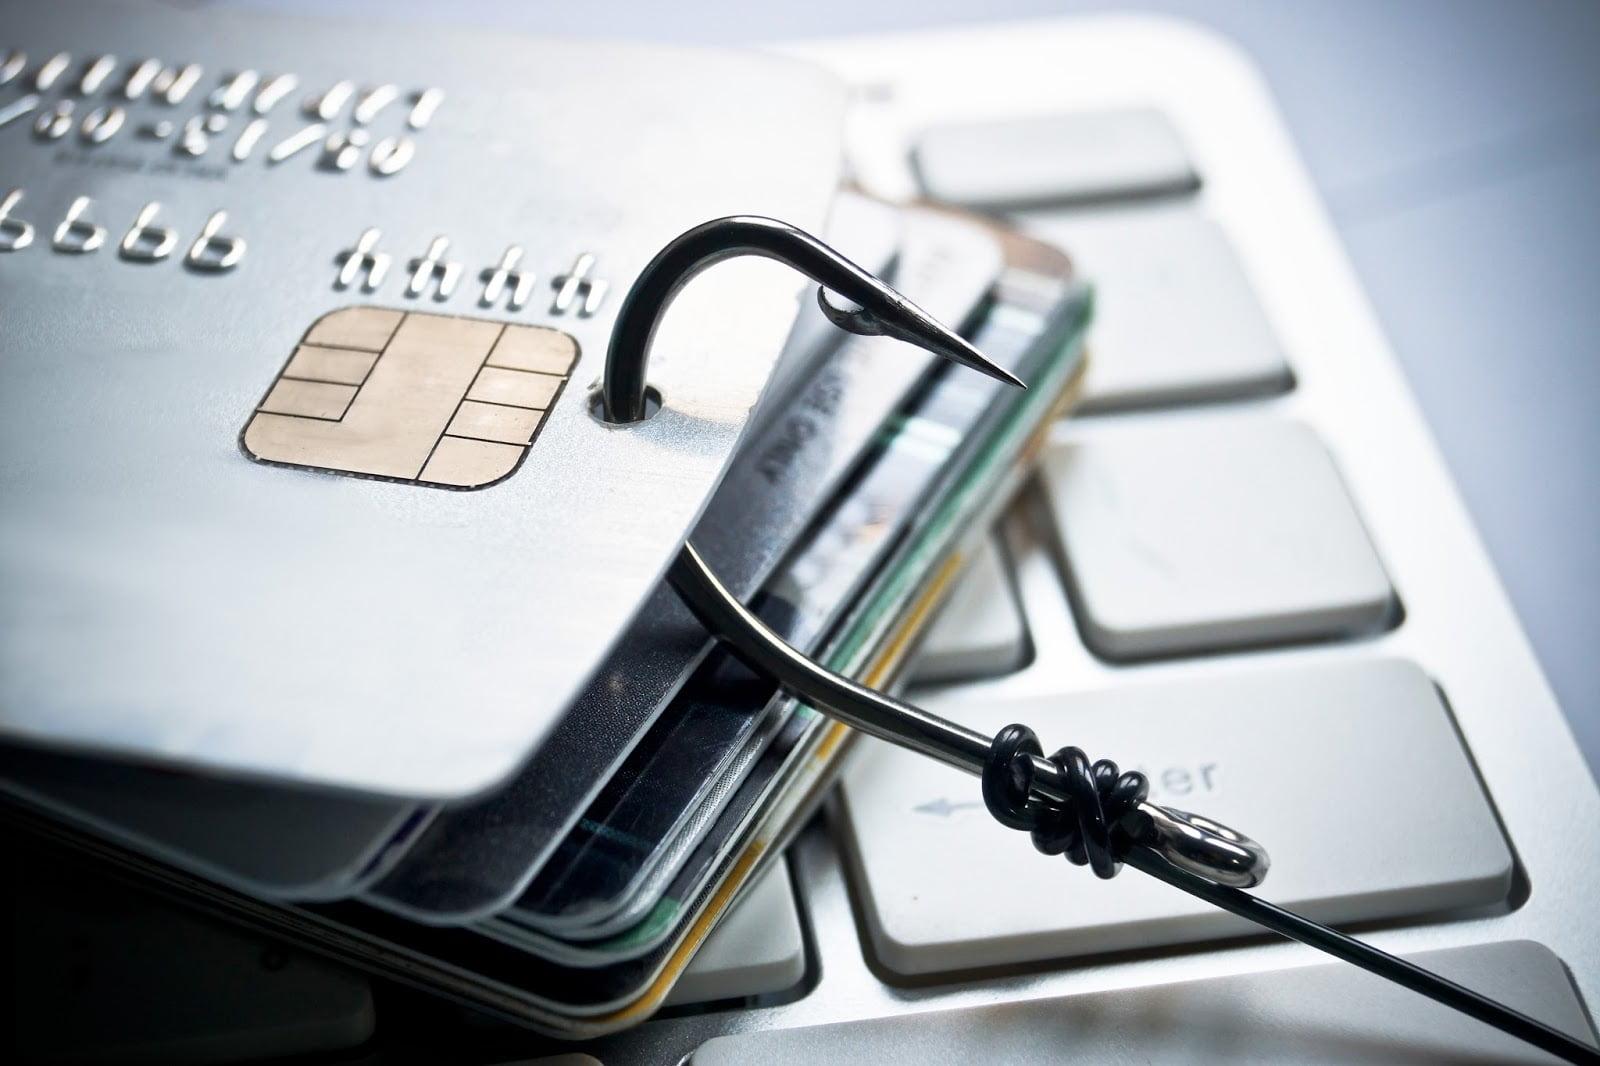 Сбербанк выявил свыше 600 фишинговых доменов и 1300 зараженных сайтов